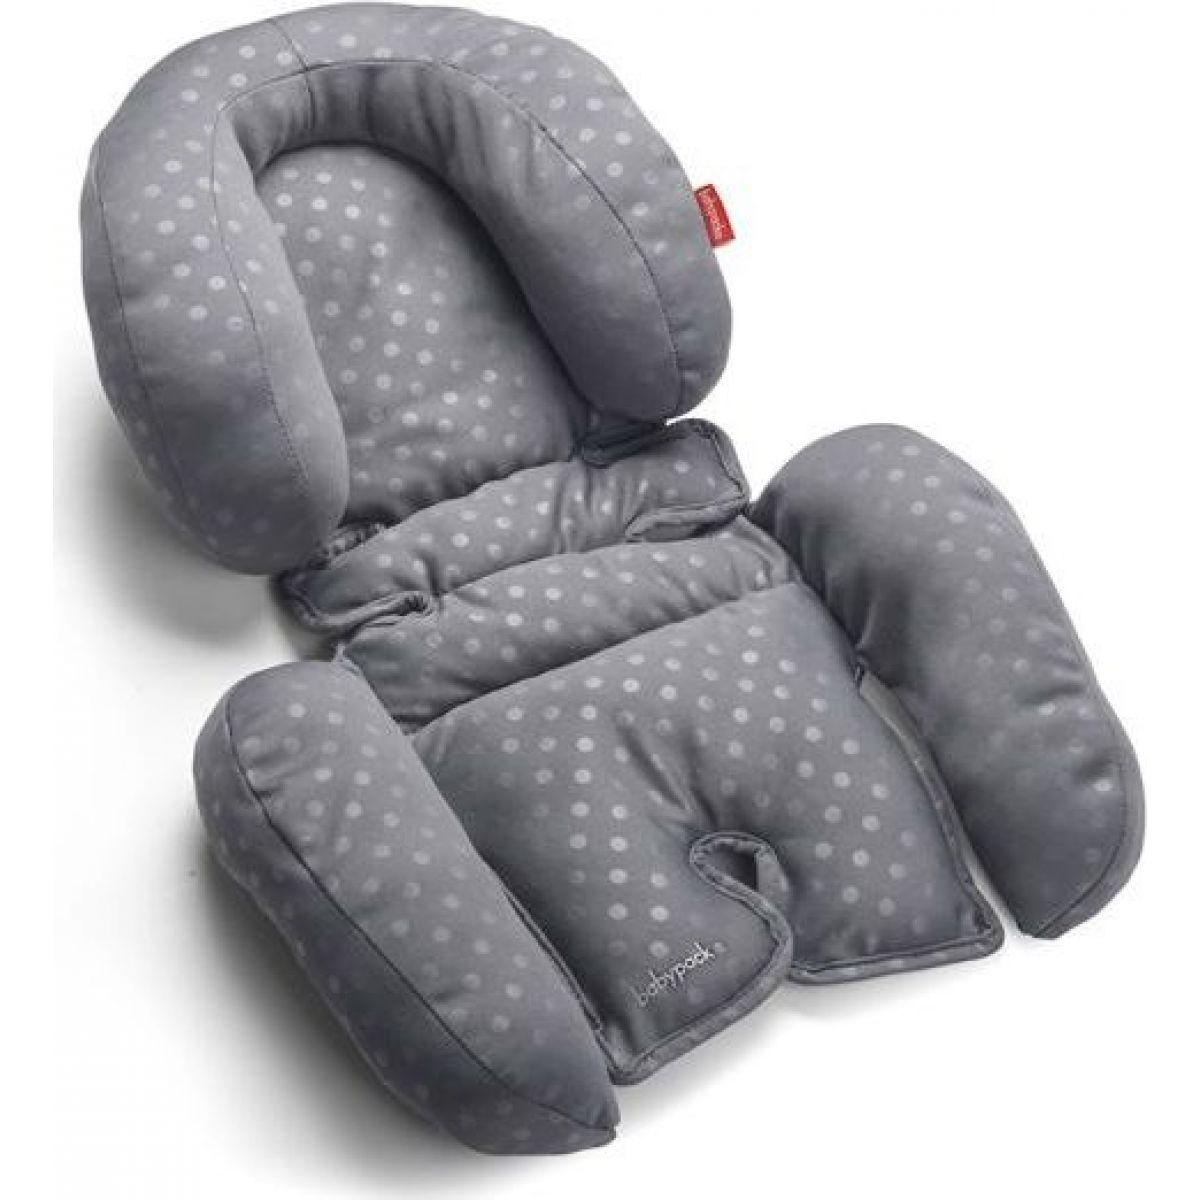 Babypack Polstrování do autosedačky nebo kočárku pro nejmenší šedé